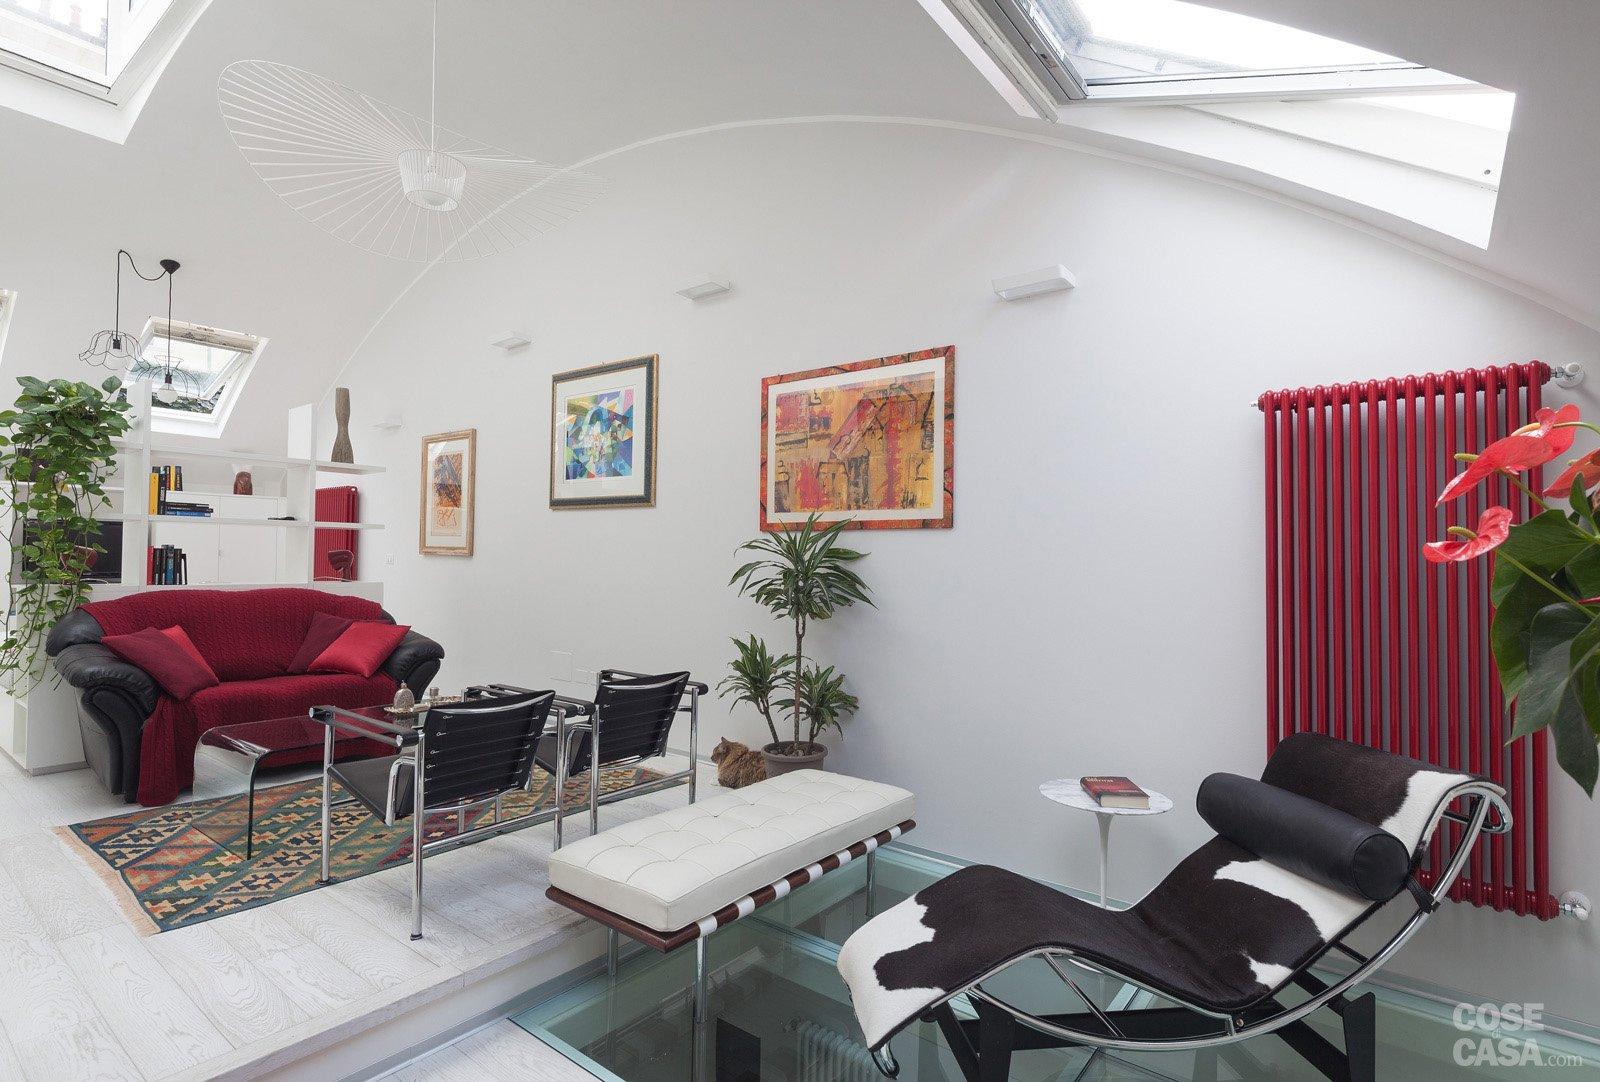 58 mq una casa piena di luce cose di casa for Piani di casa tropicale con cortili